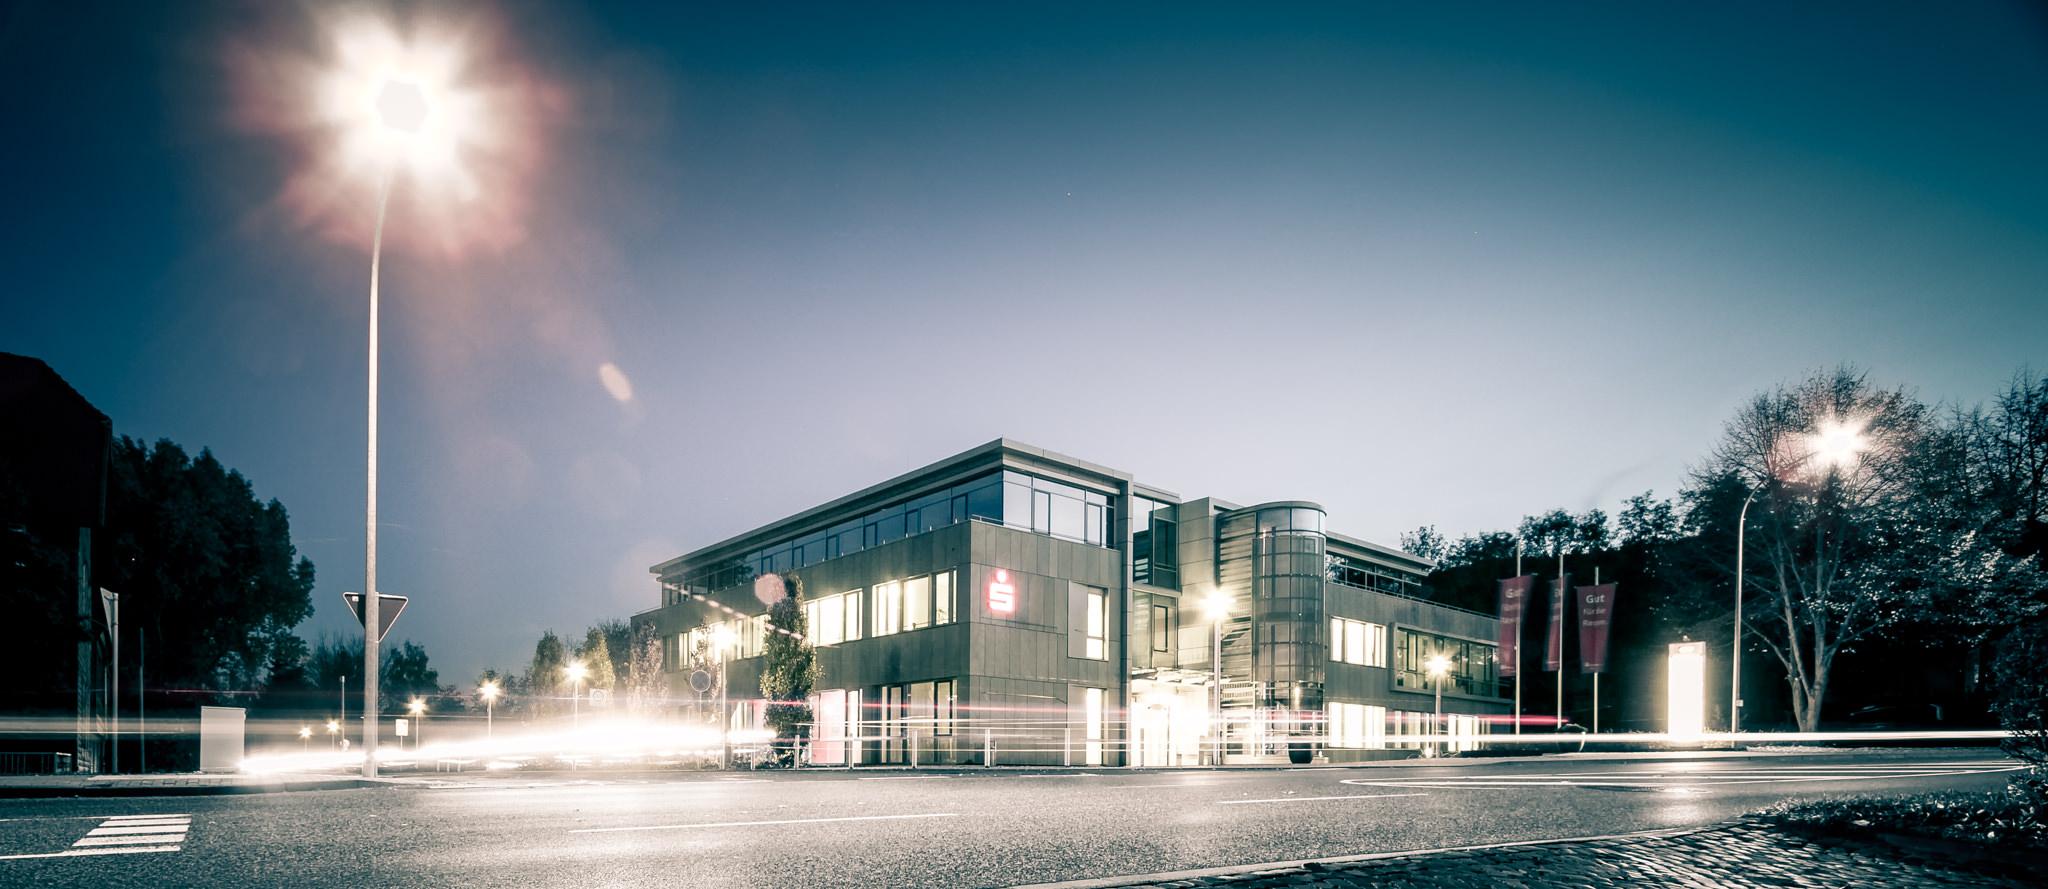 Sparkasse Architekturfotografie Berlin